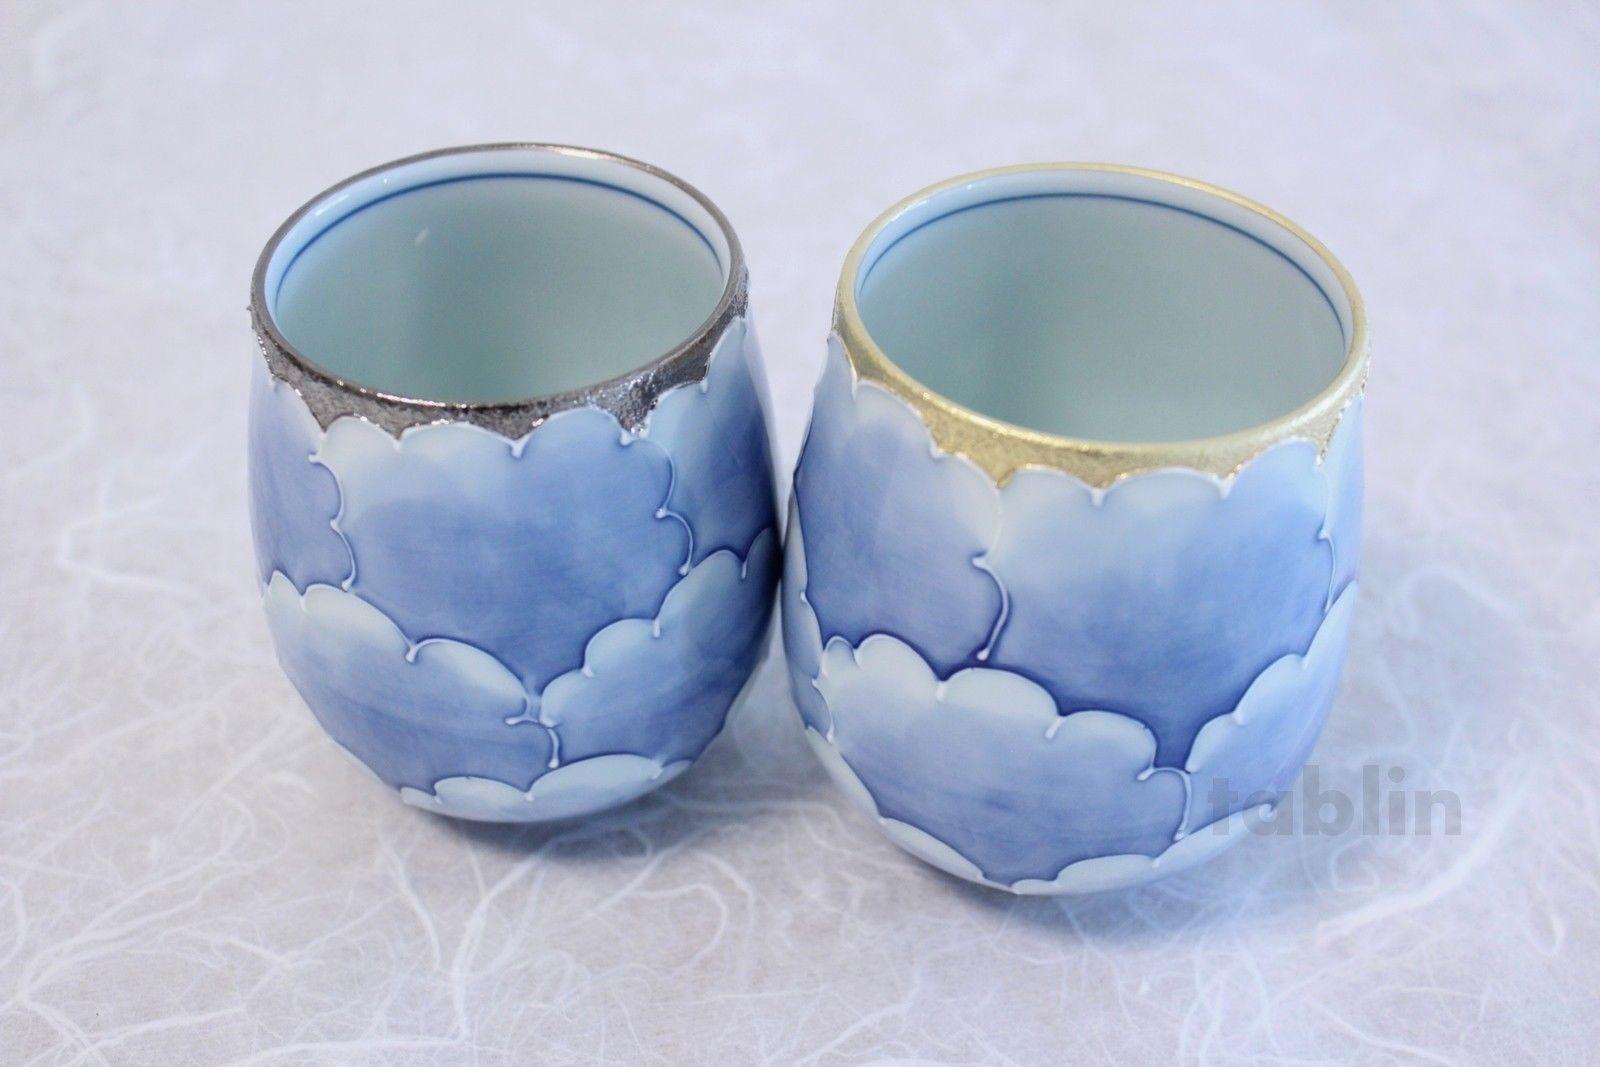 Arita Porcelain Yunomi Japanese Tea Cup Bota Gold And Silver Set Of 2 Tablinstore